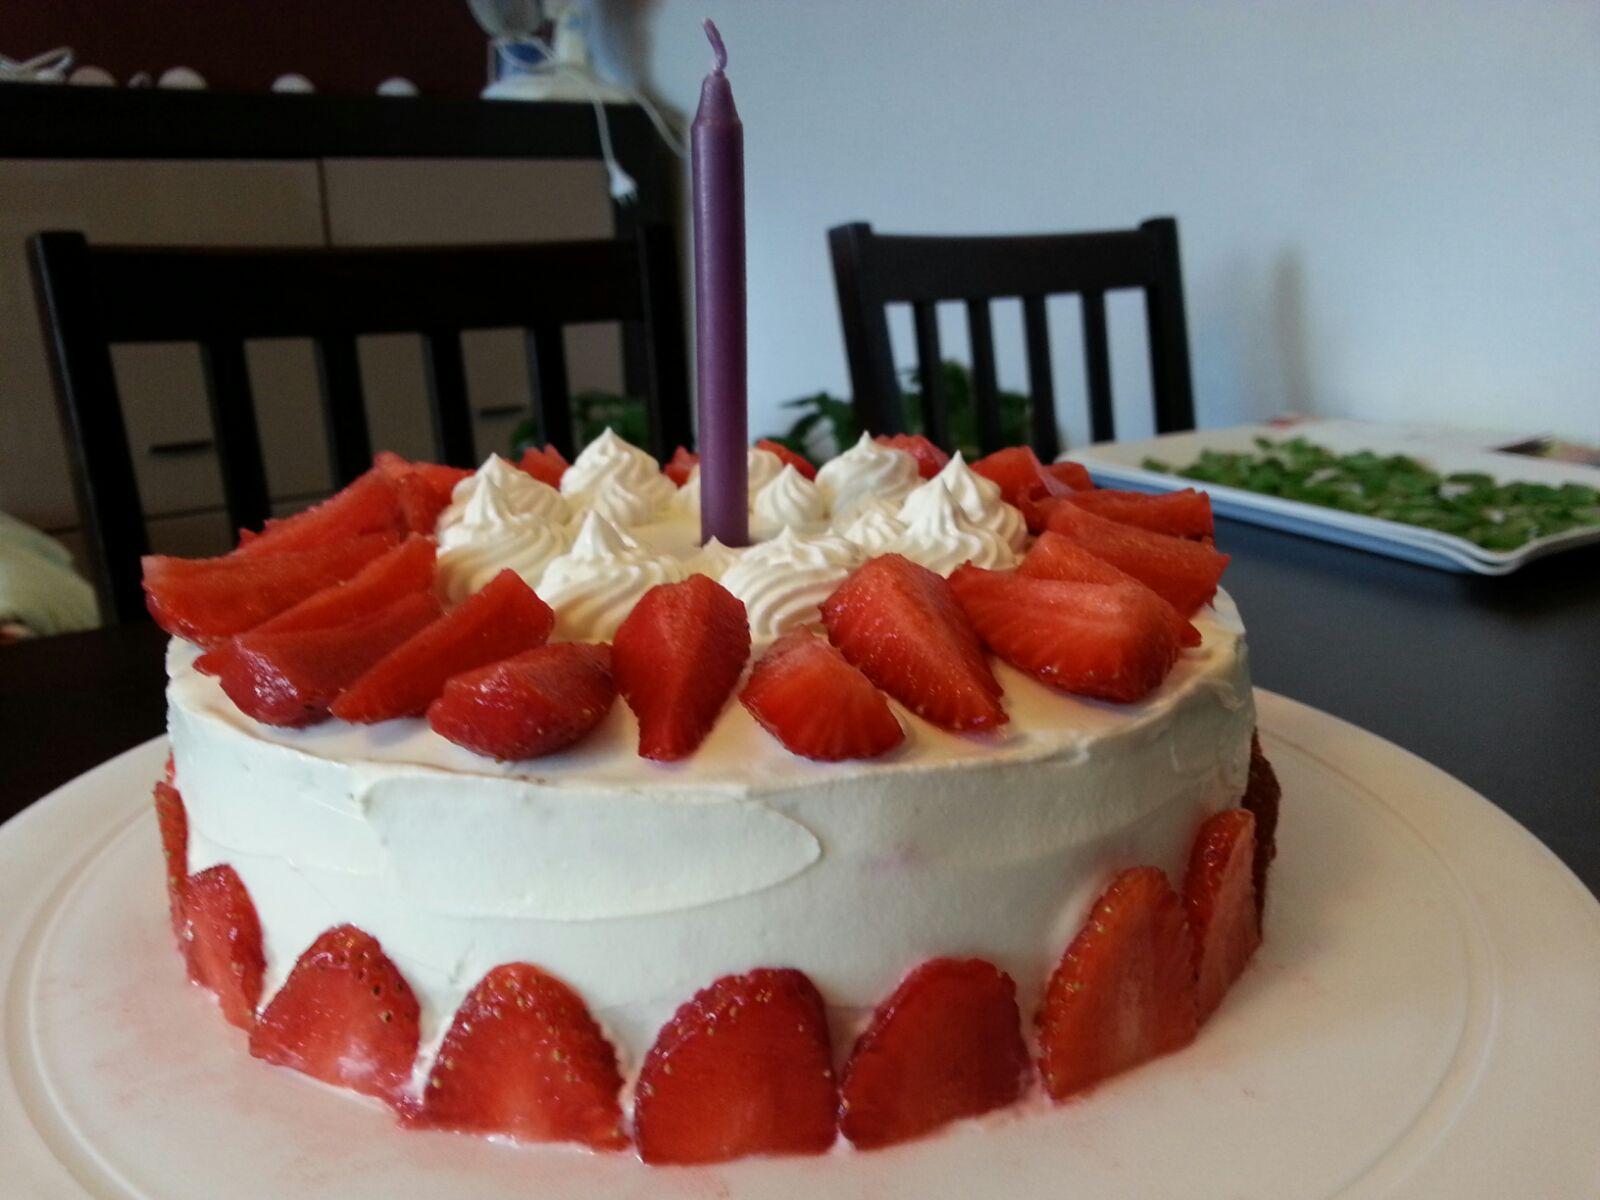 dětské dorty k narozeninám recepty Dvě v troubě: Pečeme dětem: Dort k 1. narozeninám   bez cukru dětské dorty k narozeninám recepty